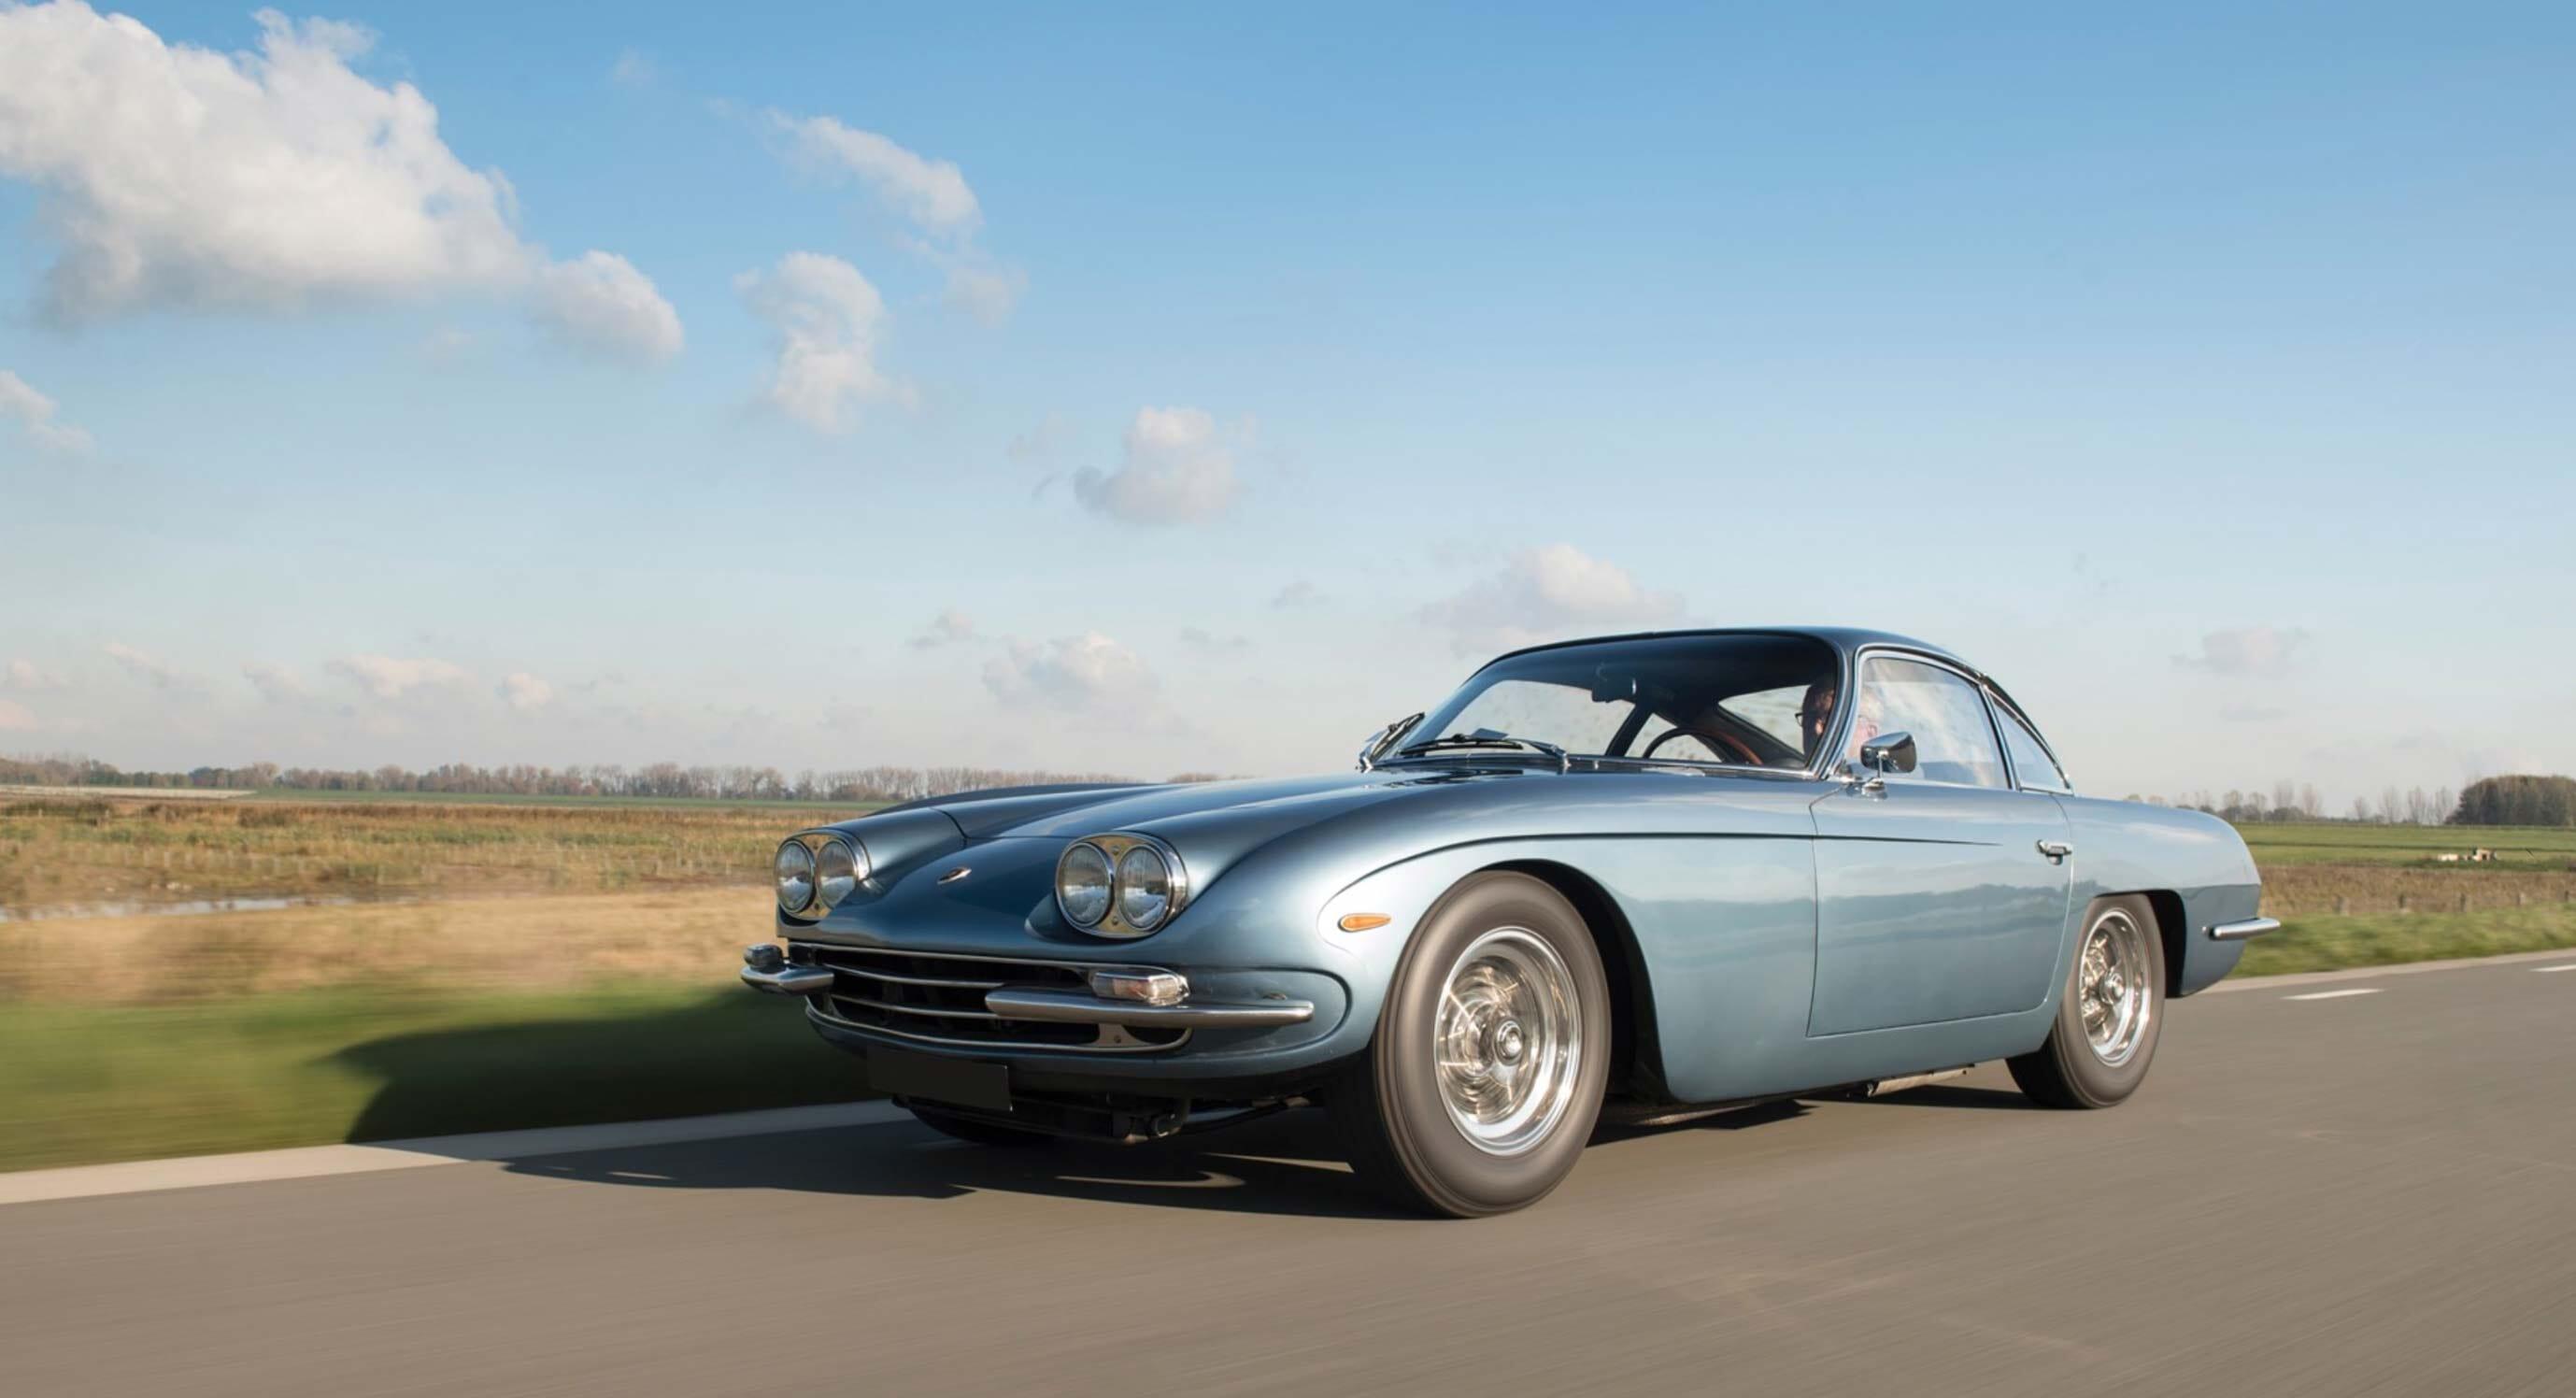 Classic Car Find of the Week: 1967 Lamborghini 400 GT 2+2